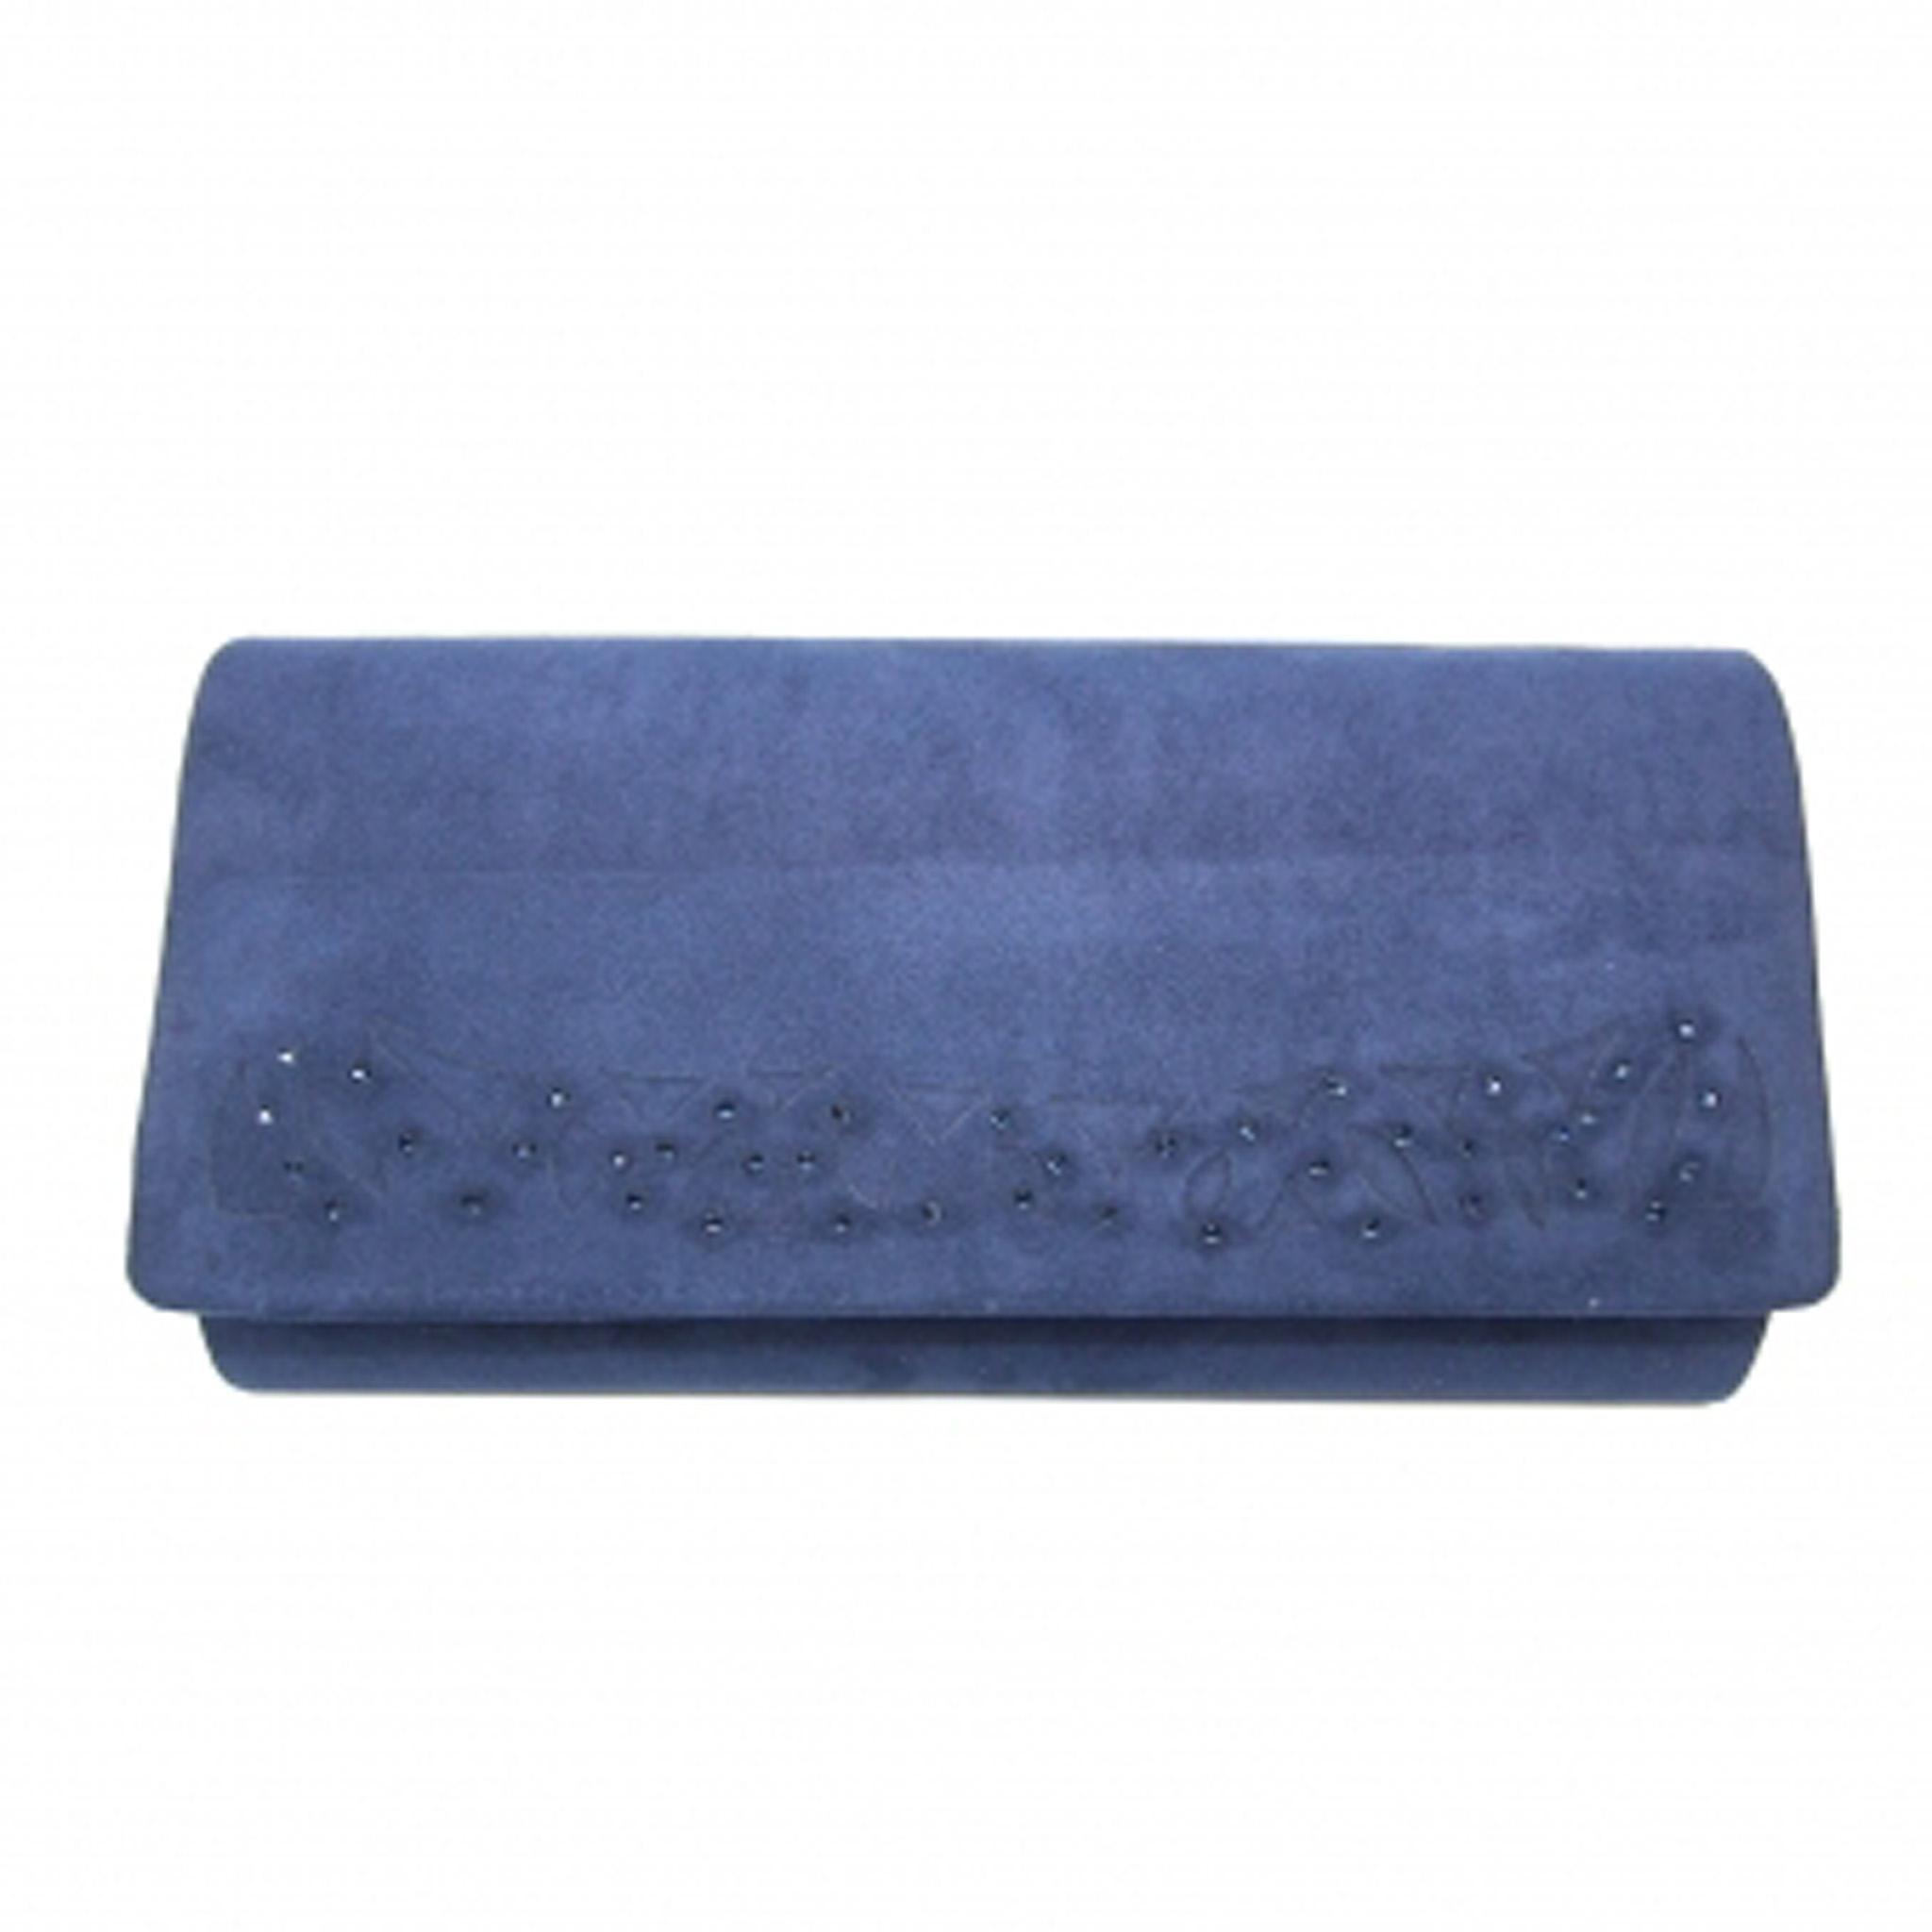 melbourne-clutch-bag-p4524-271975_thumb.